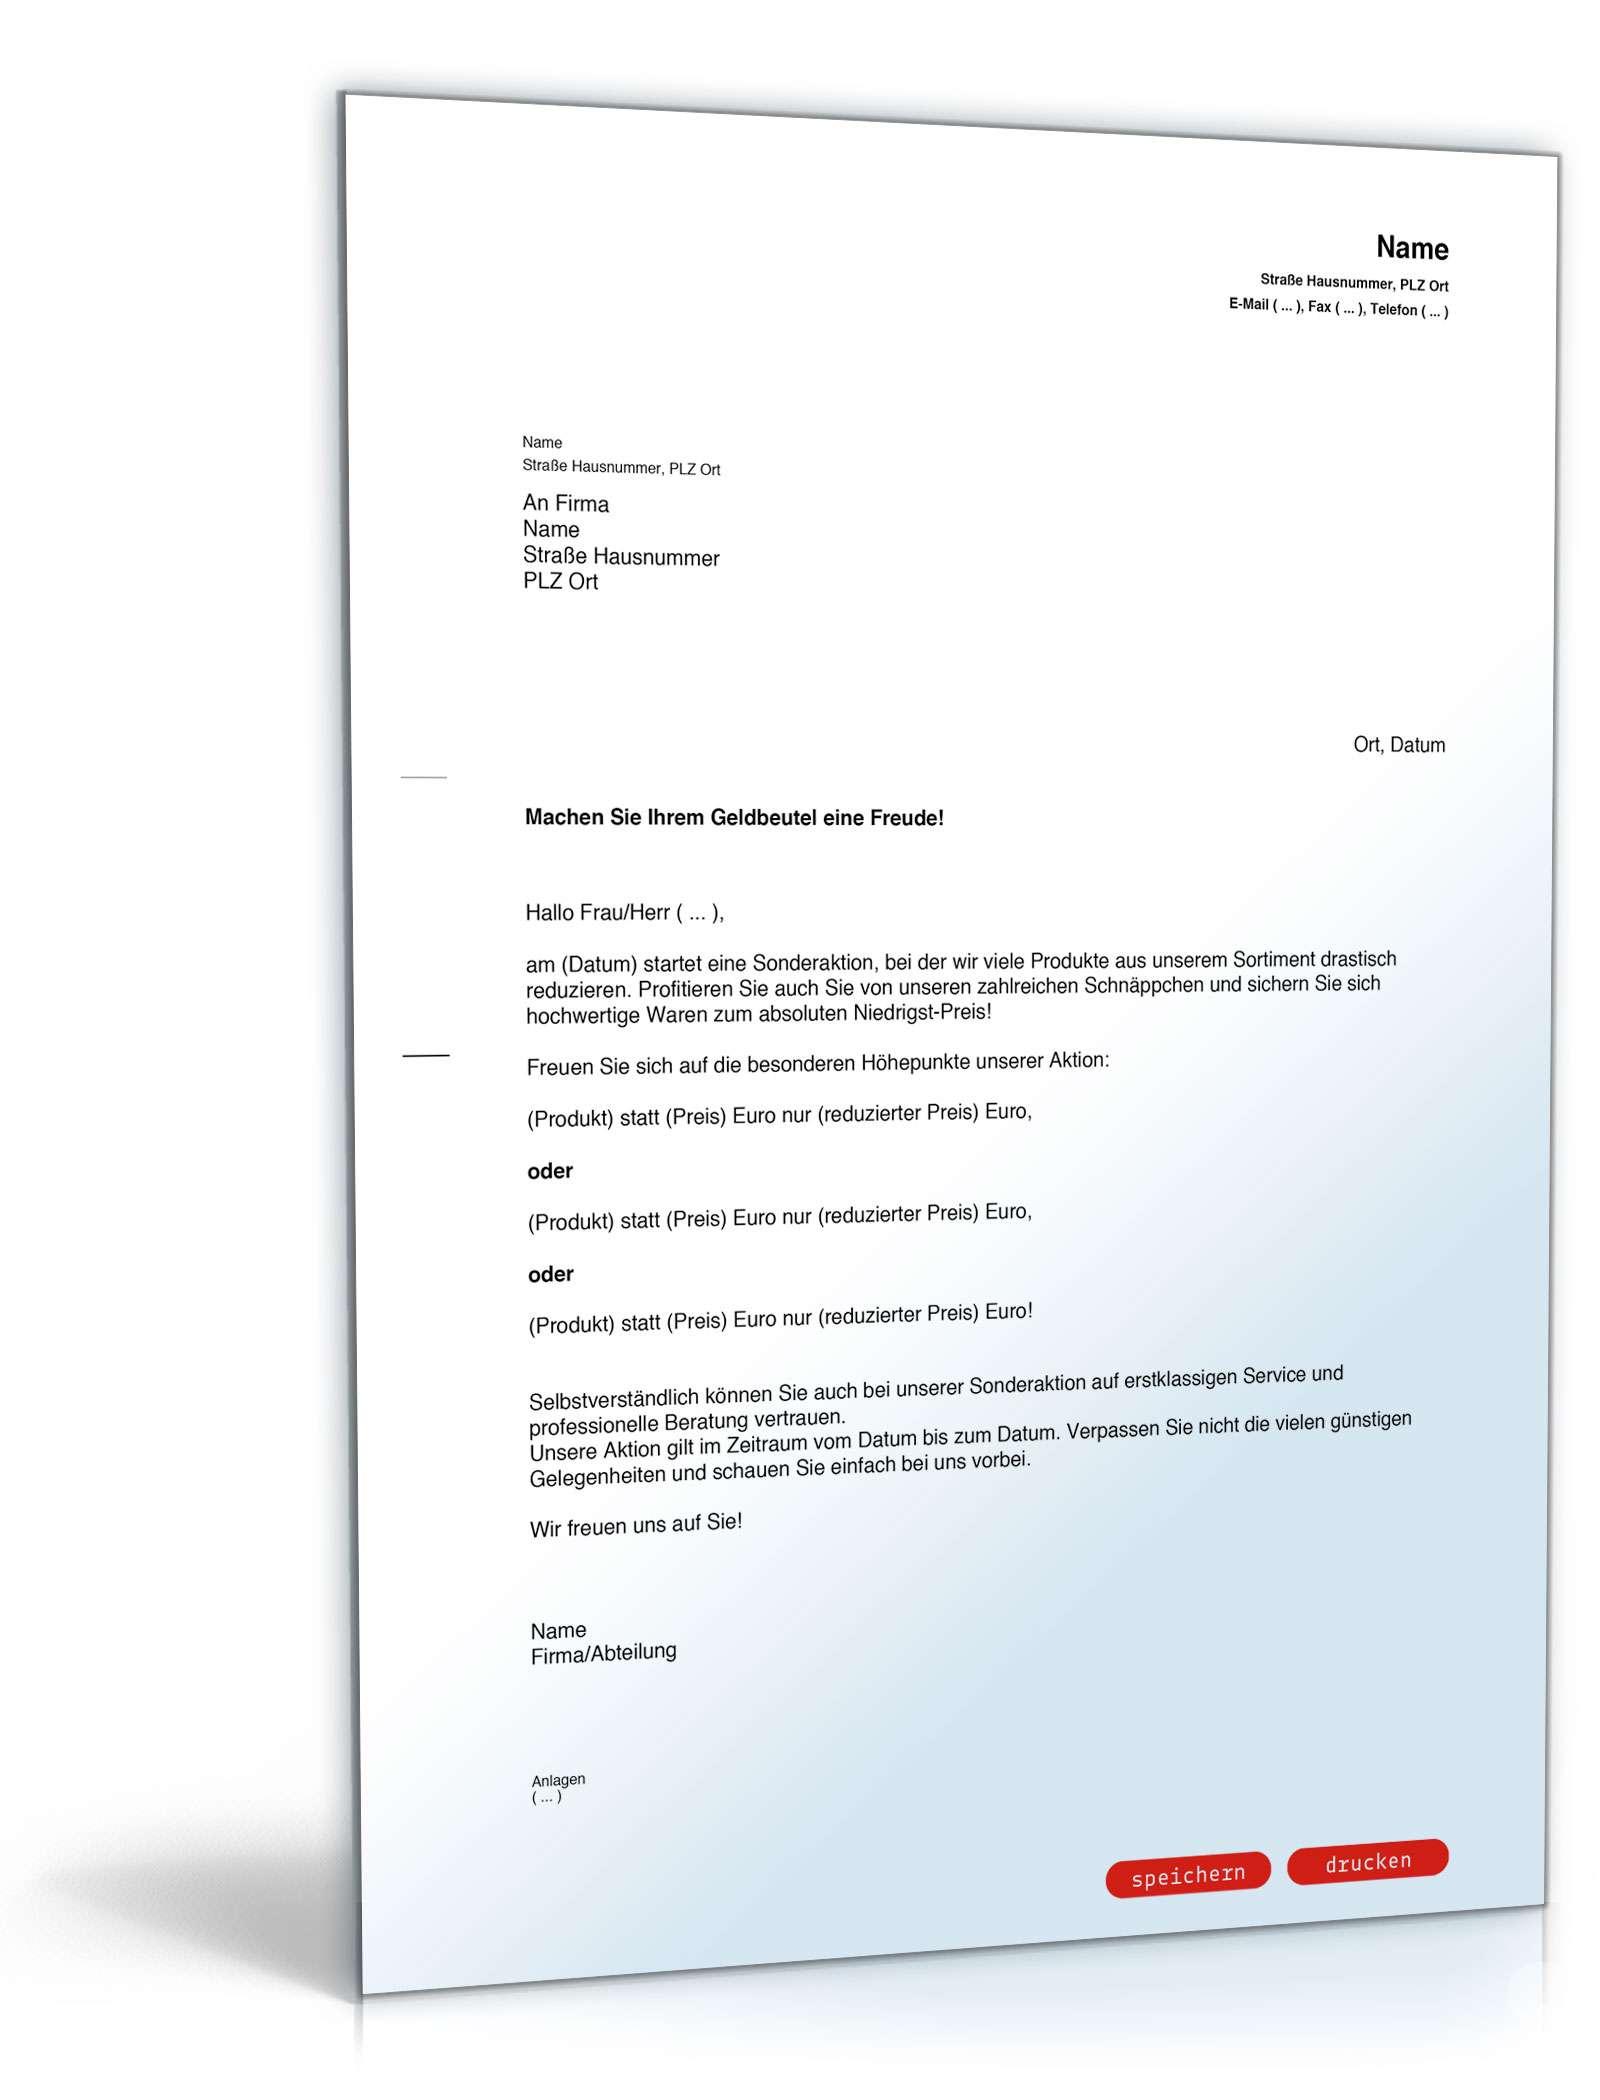 Brief Für Zahlungsaufschub : Werbebrief für sonderangebote muster vorlage zum download